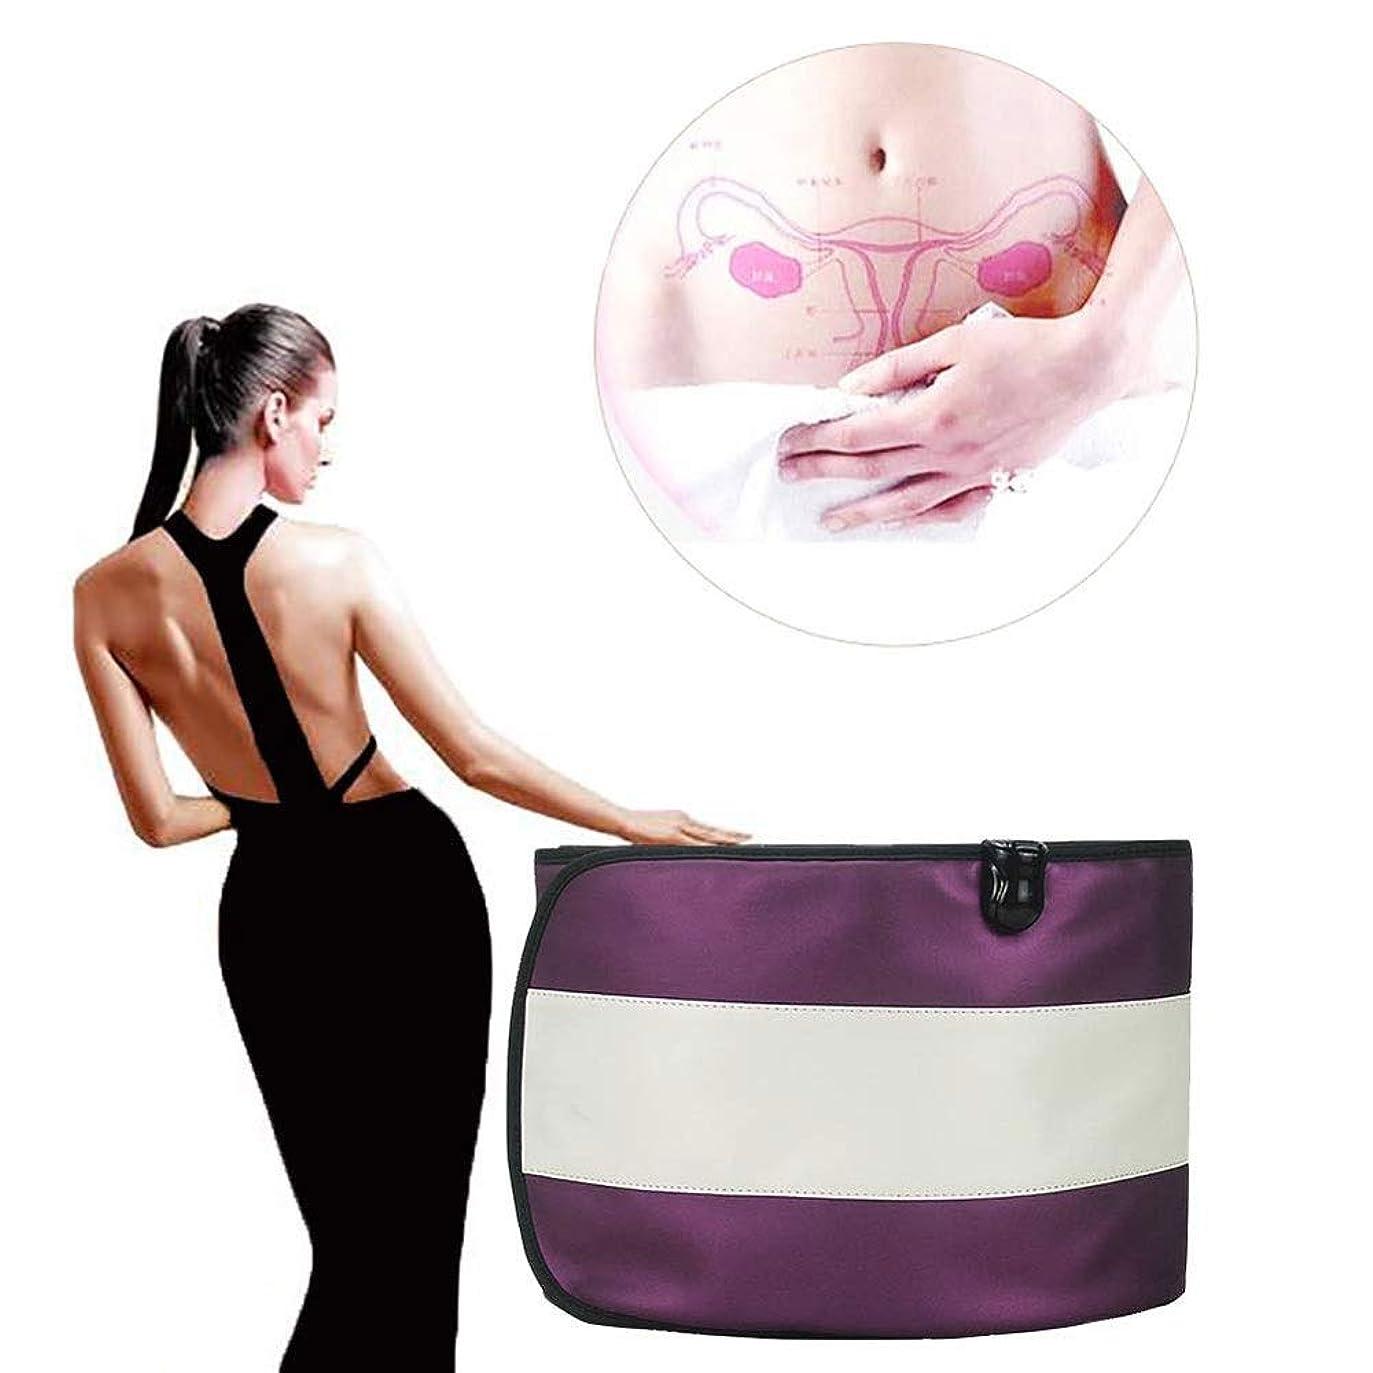 スピーチブートミス電気レイジー痩身マシンマッサージベルト、減量機、熱振動ウエストサウナベルトは女性&男性のための10モード脂肪燃焼と血液循環を改善 MASSAGER0HW